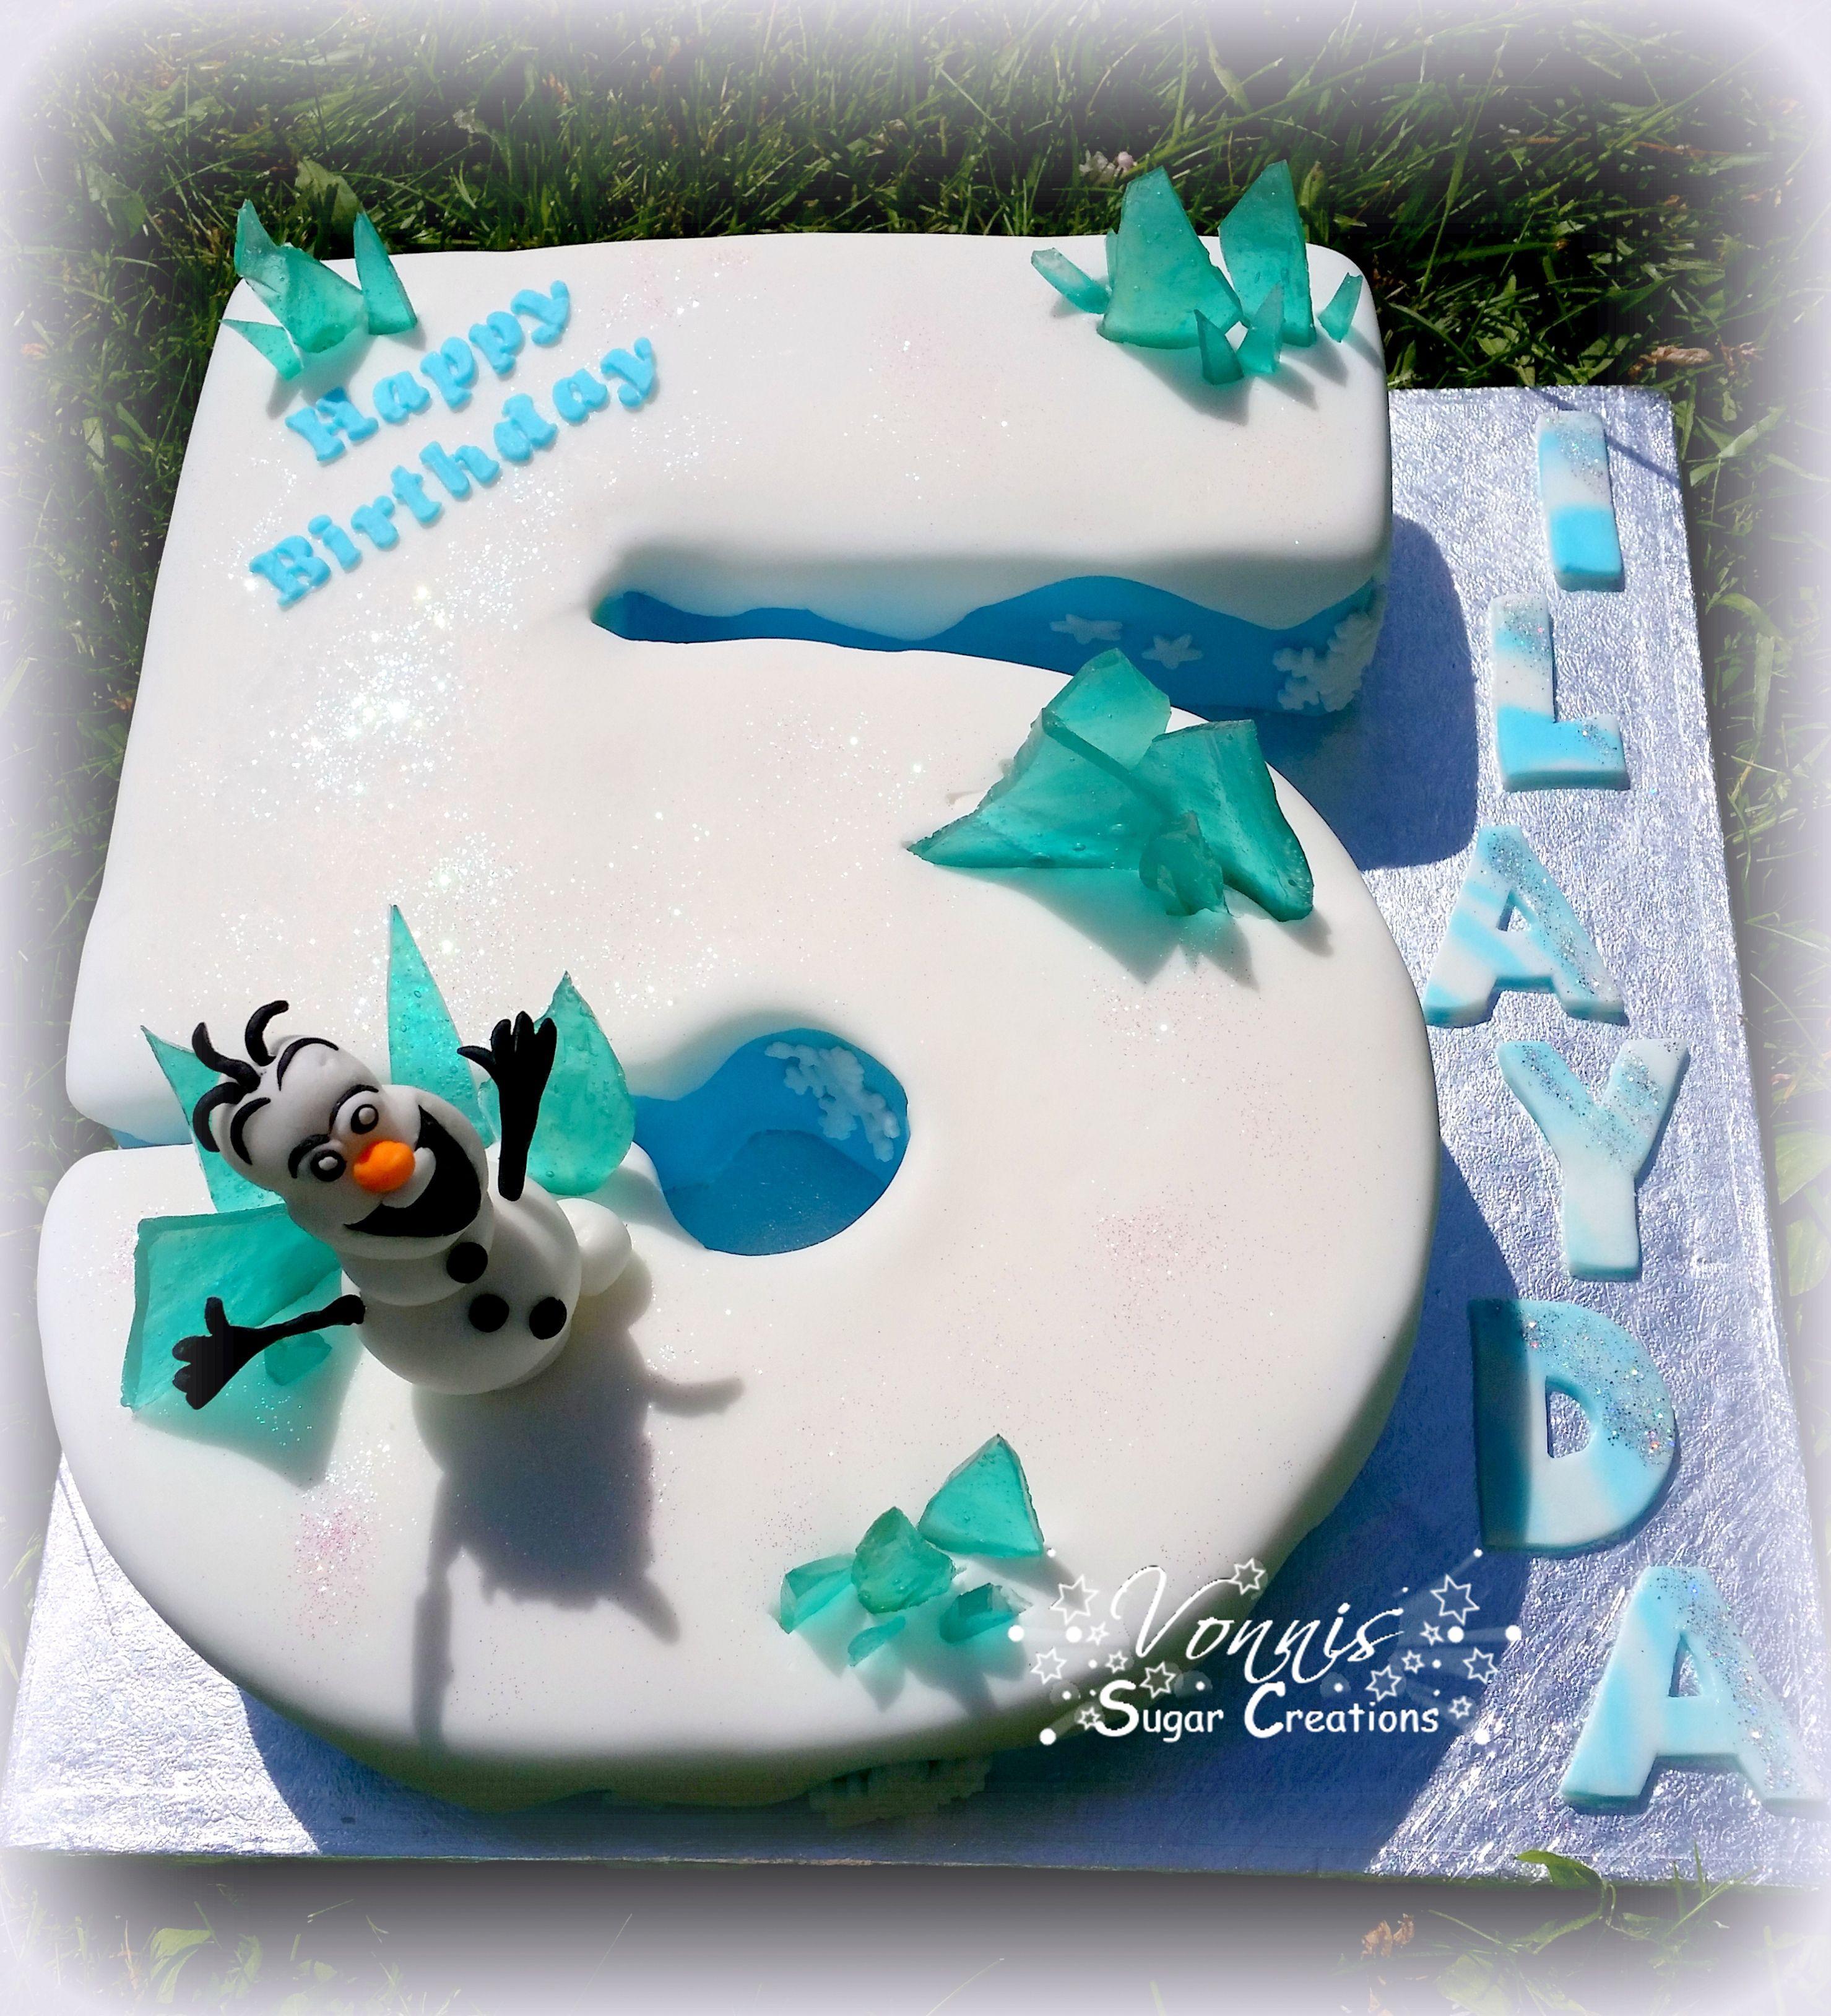 Number cake Frozen Nummer Eisknigin Torte Kuchen 5 Geburtstag